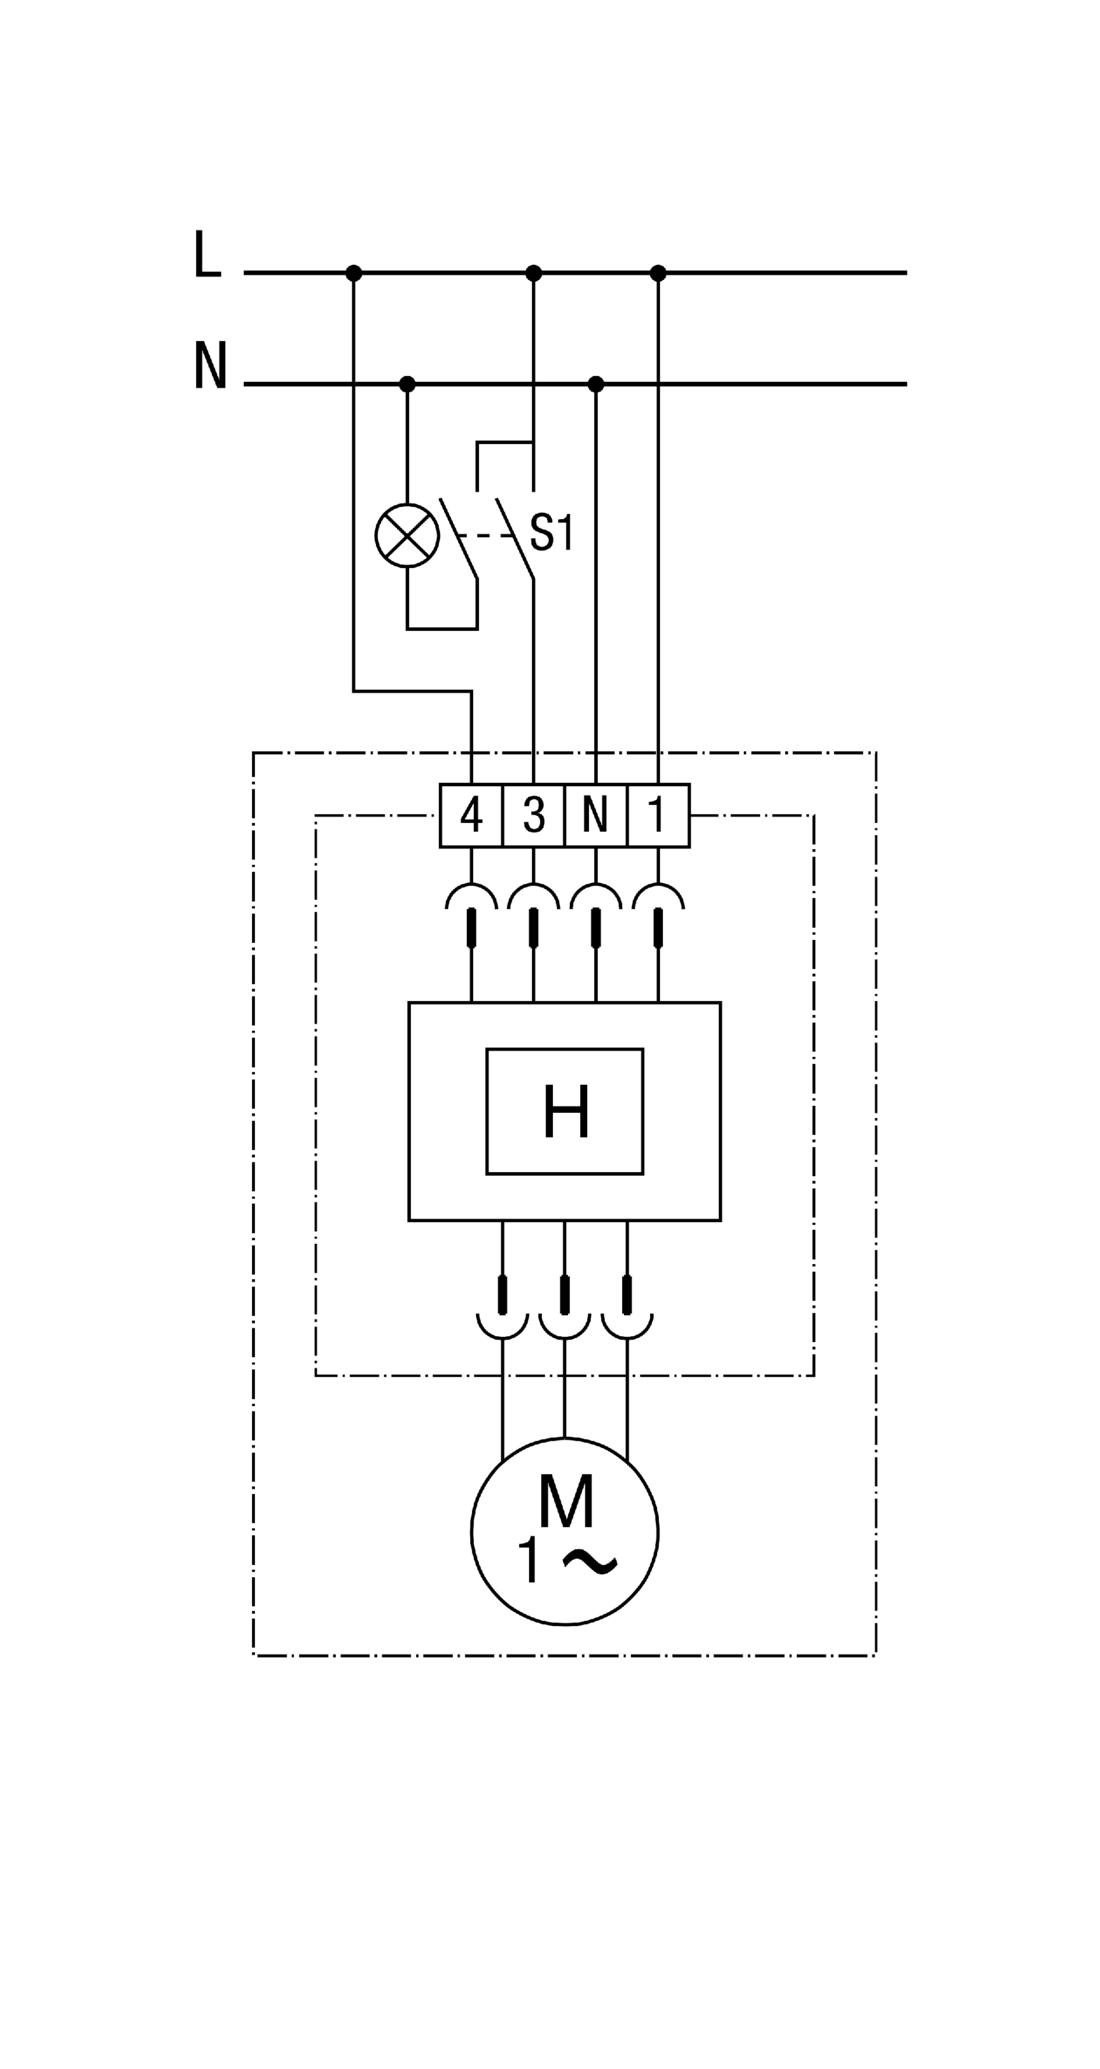 MAICO Ventilatore INSERTO er 60 62 m3//h standard esecuzione n 0084.0100